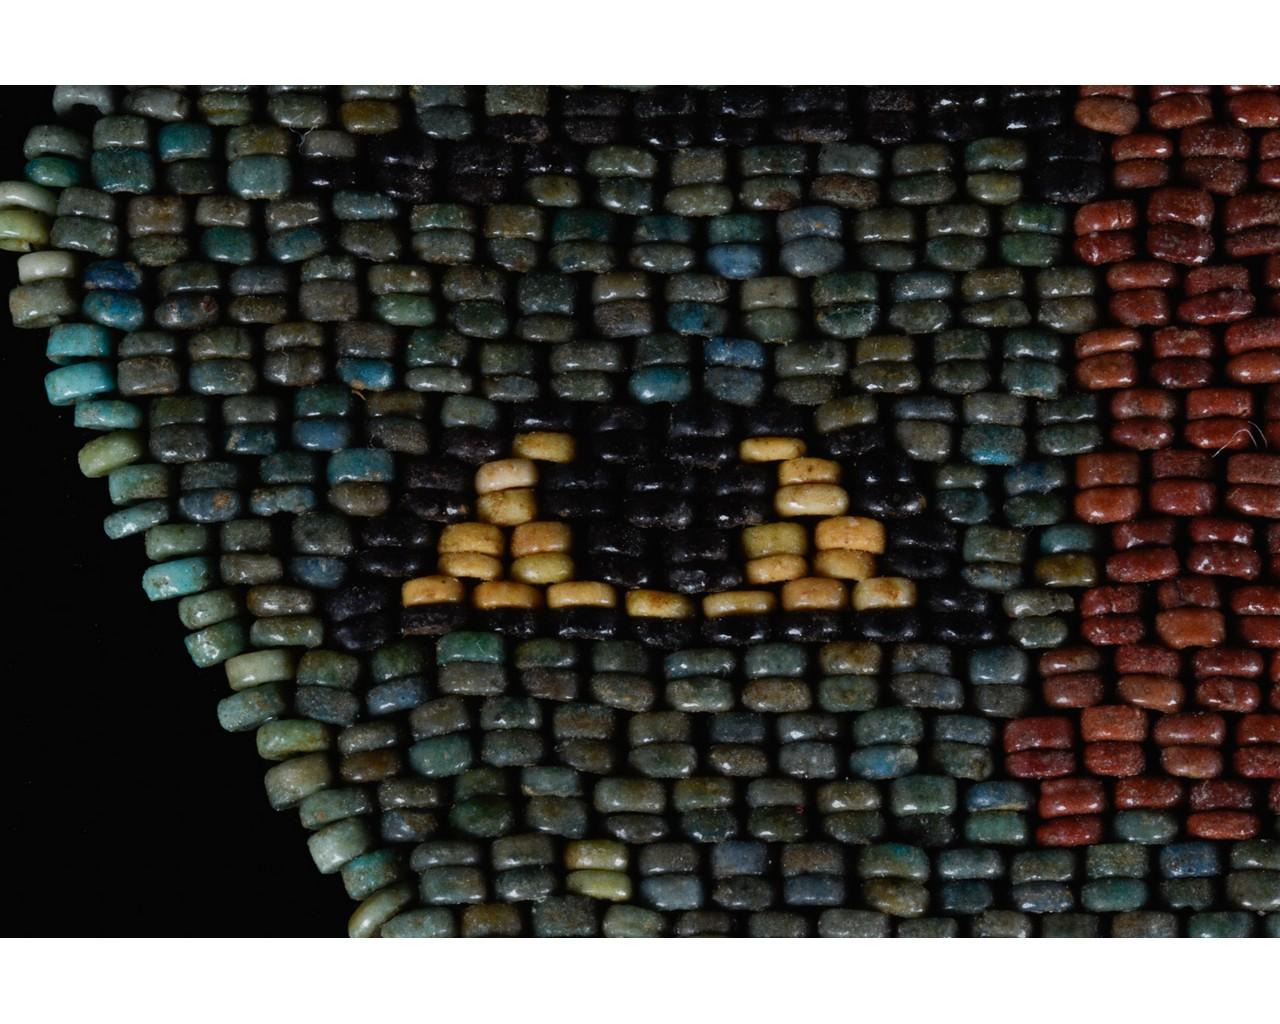 EGYPTIAN BLUE BEADED MUMMY MASK - Image 7 of 7